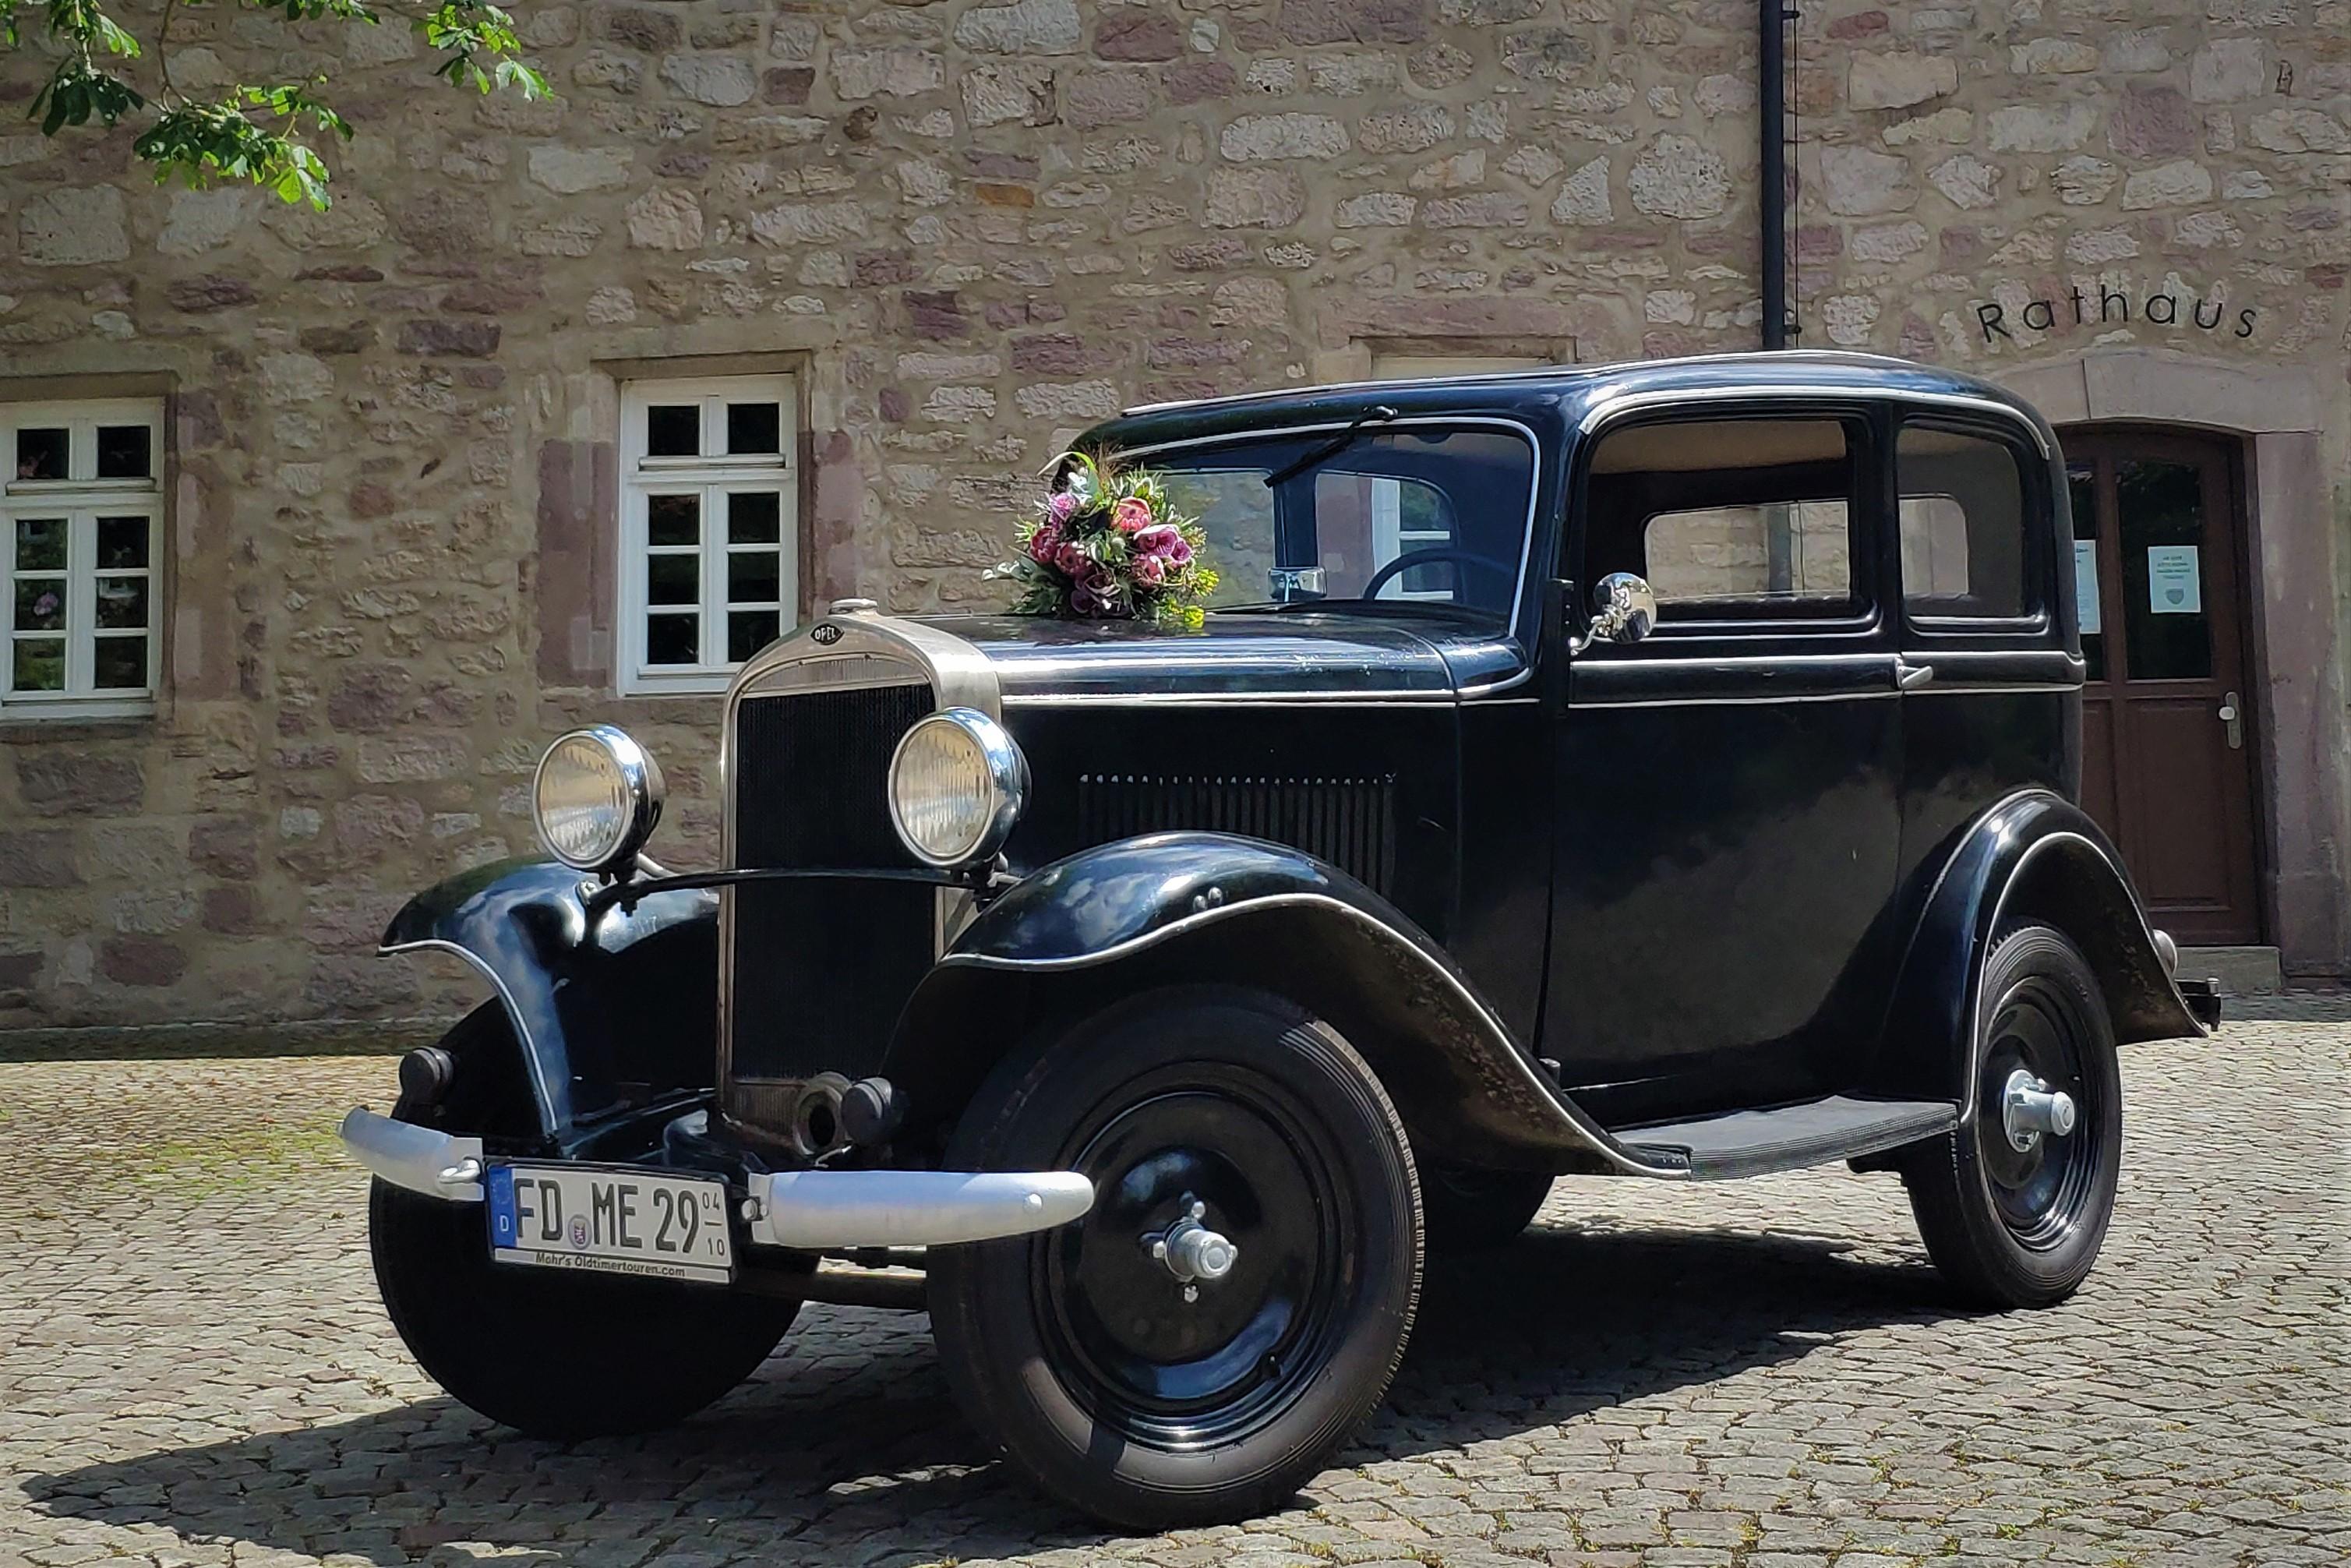 Opel 1,2 Liter schwarz Baujahr 1934 Oldtimer Hochzeitsauto